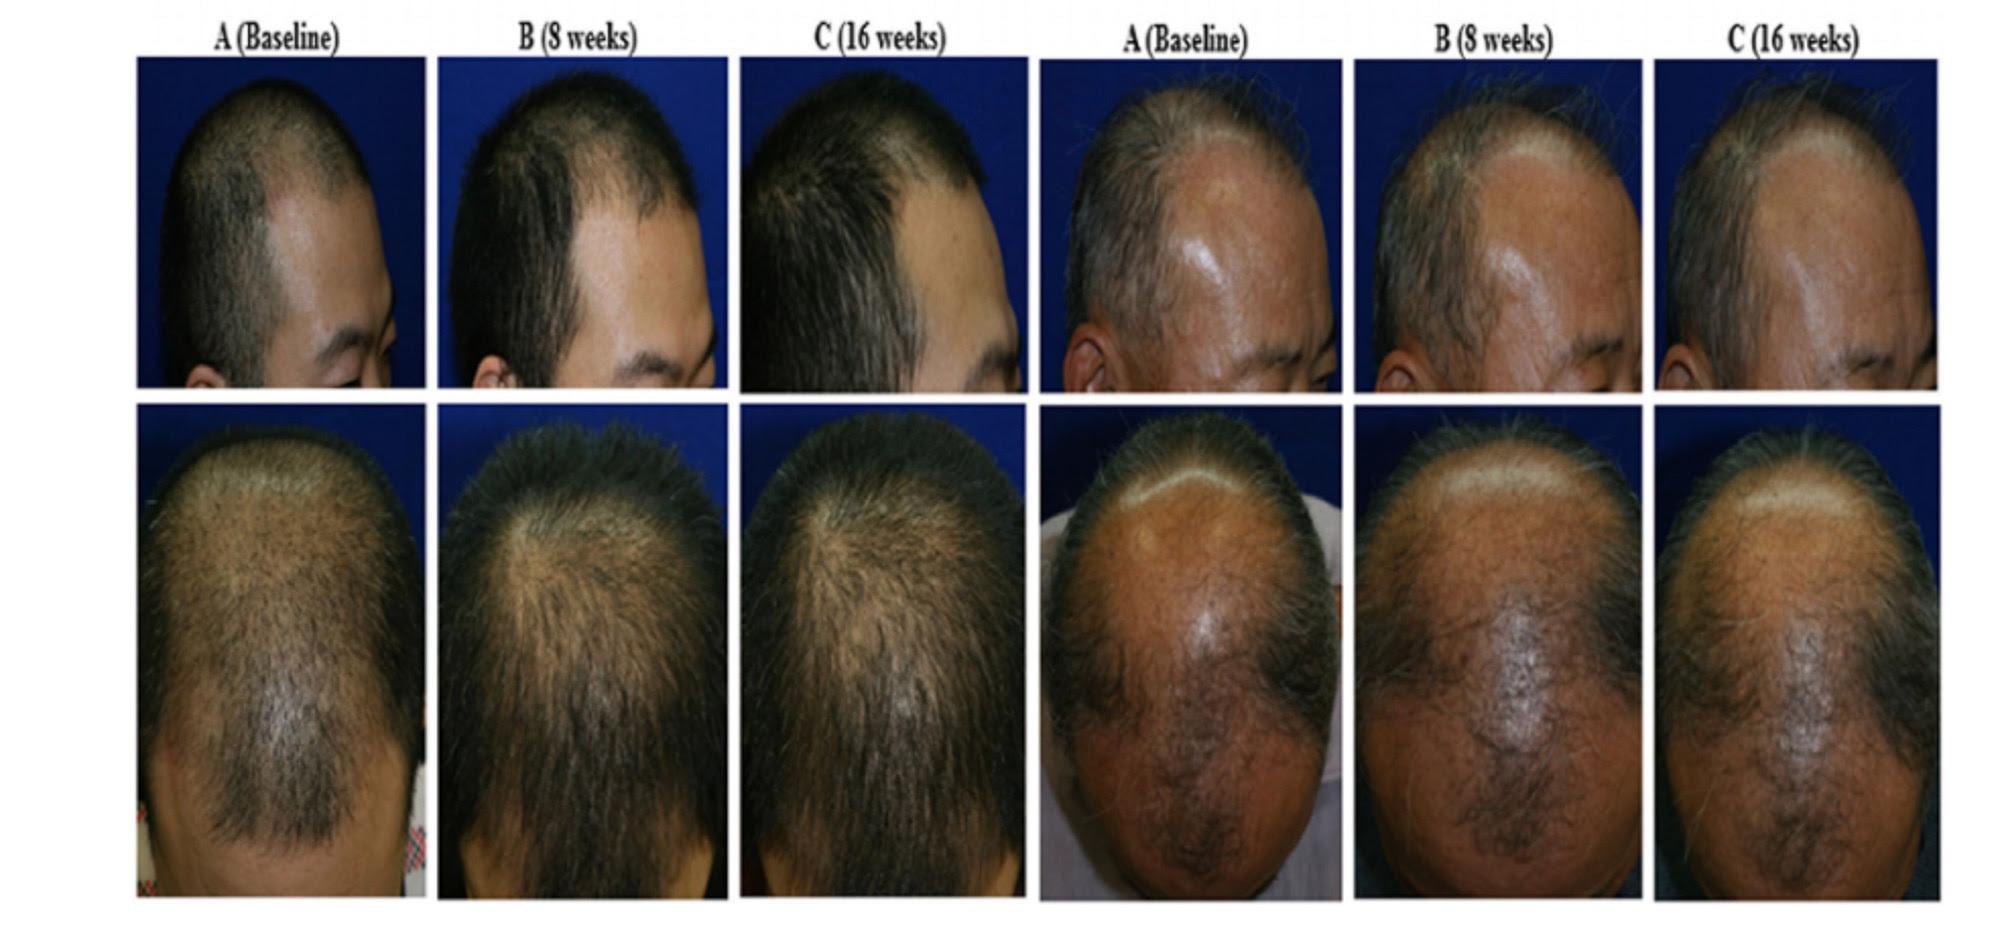 hair-restore-2.jpg